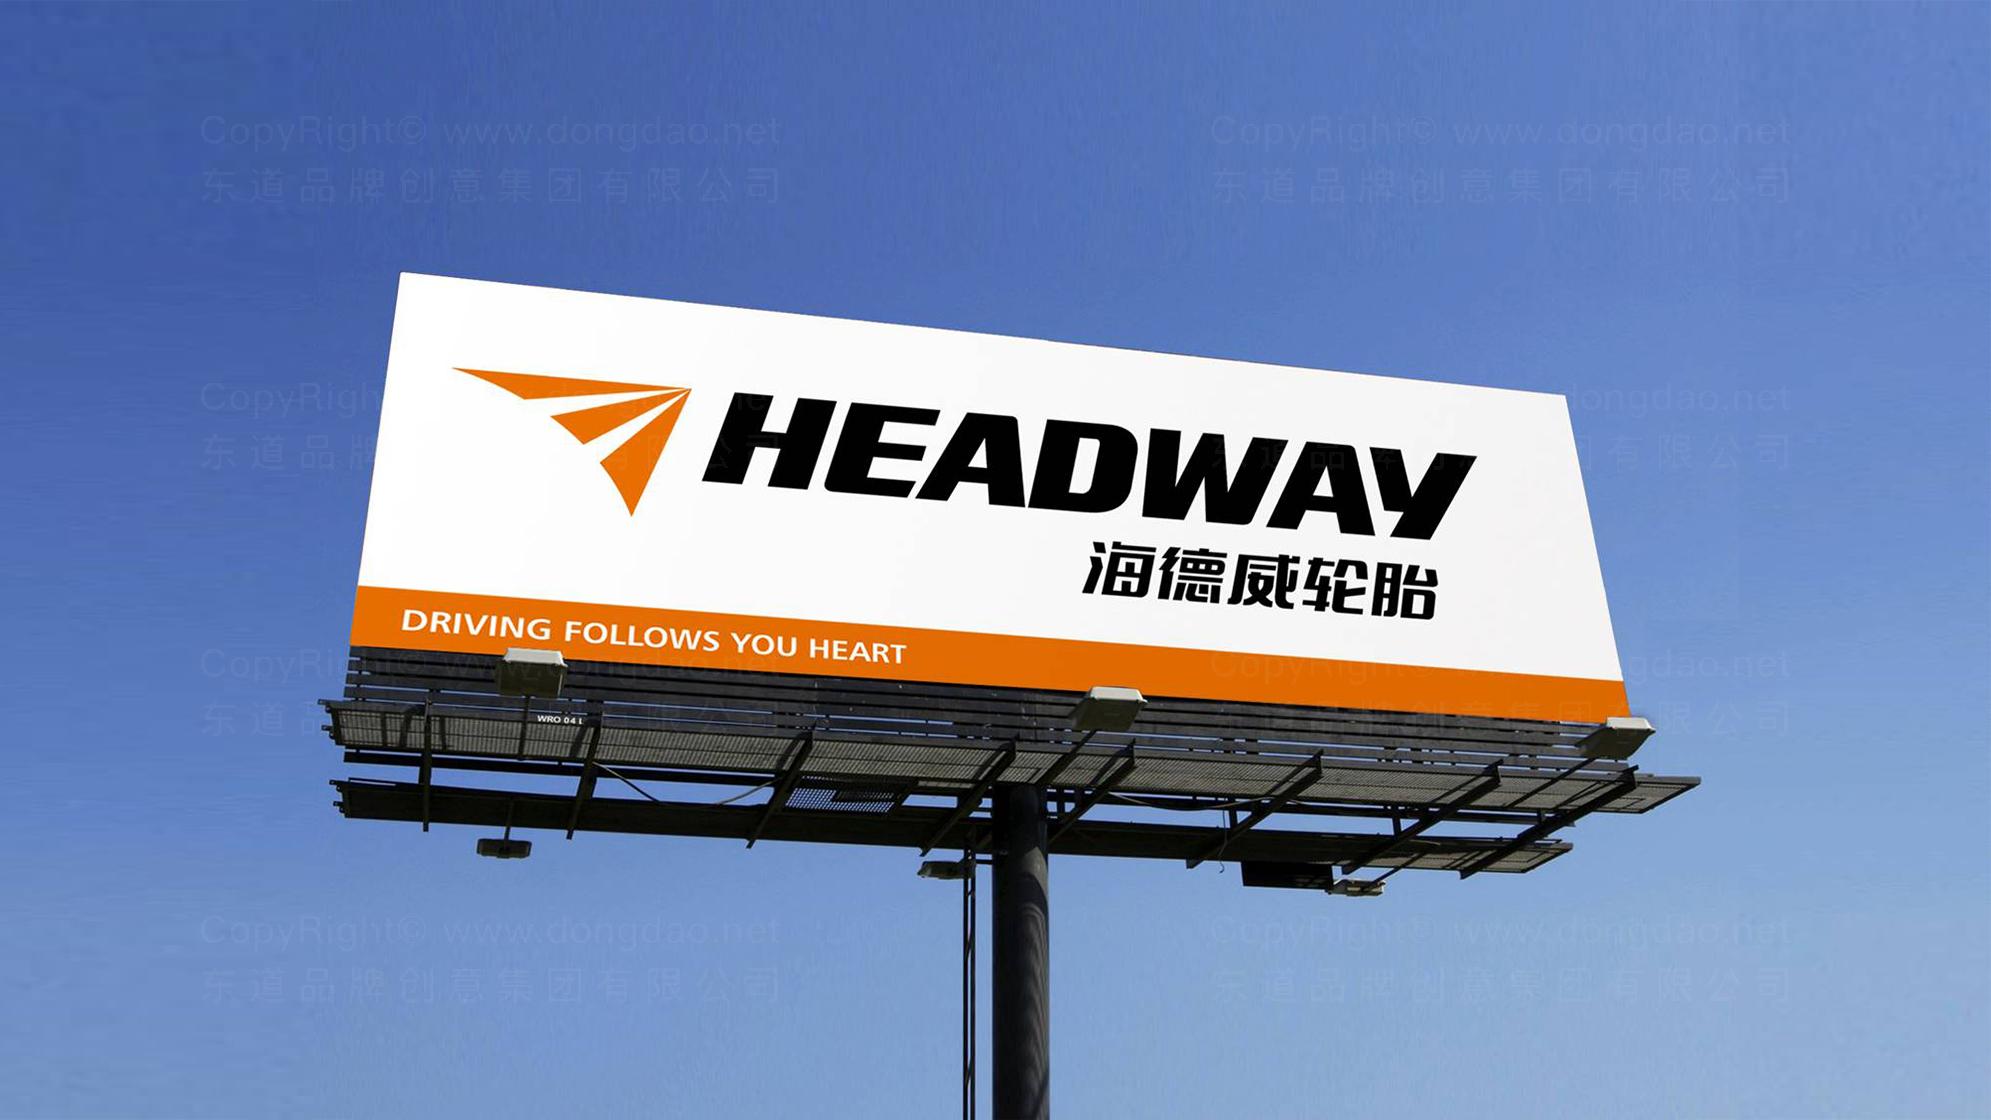 品牌设计海德威轮胎标志设计应用